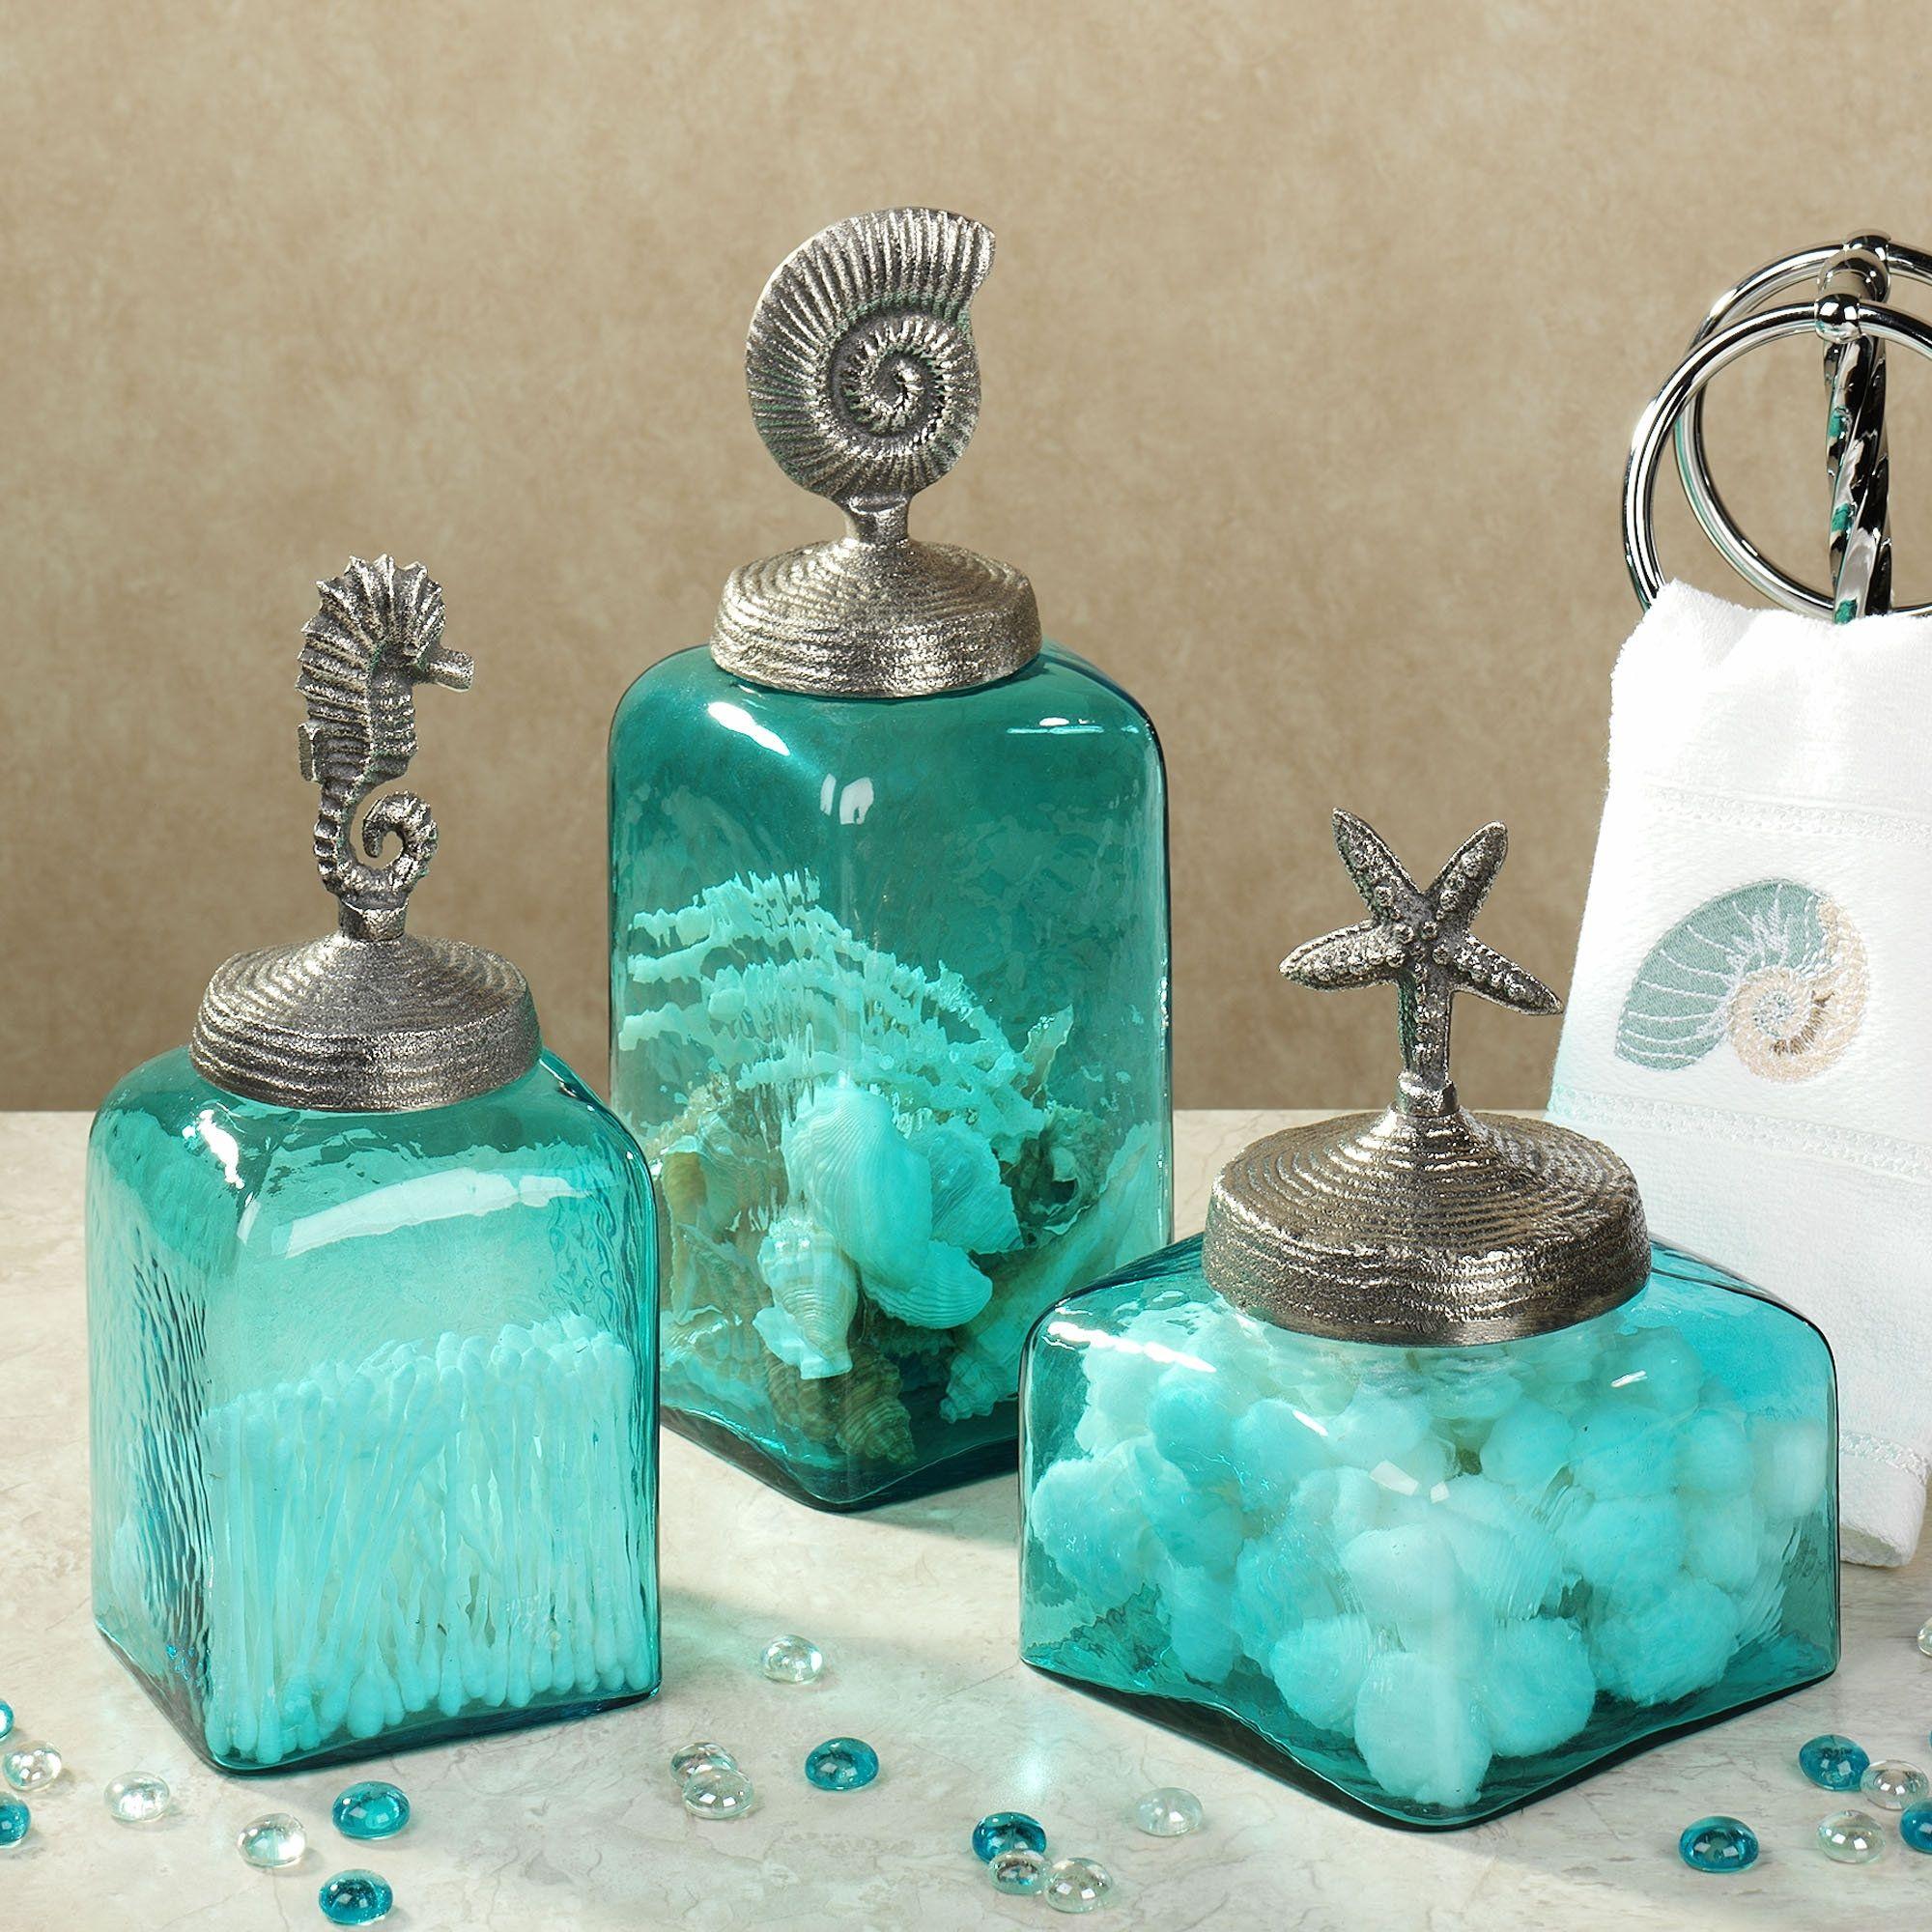 Aqua Bathroom Decor Bathroom Accessories Sgpow Home Design Houzz